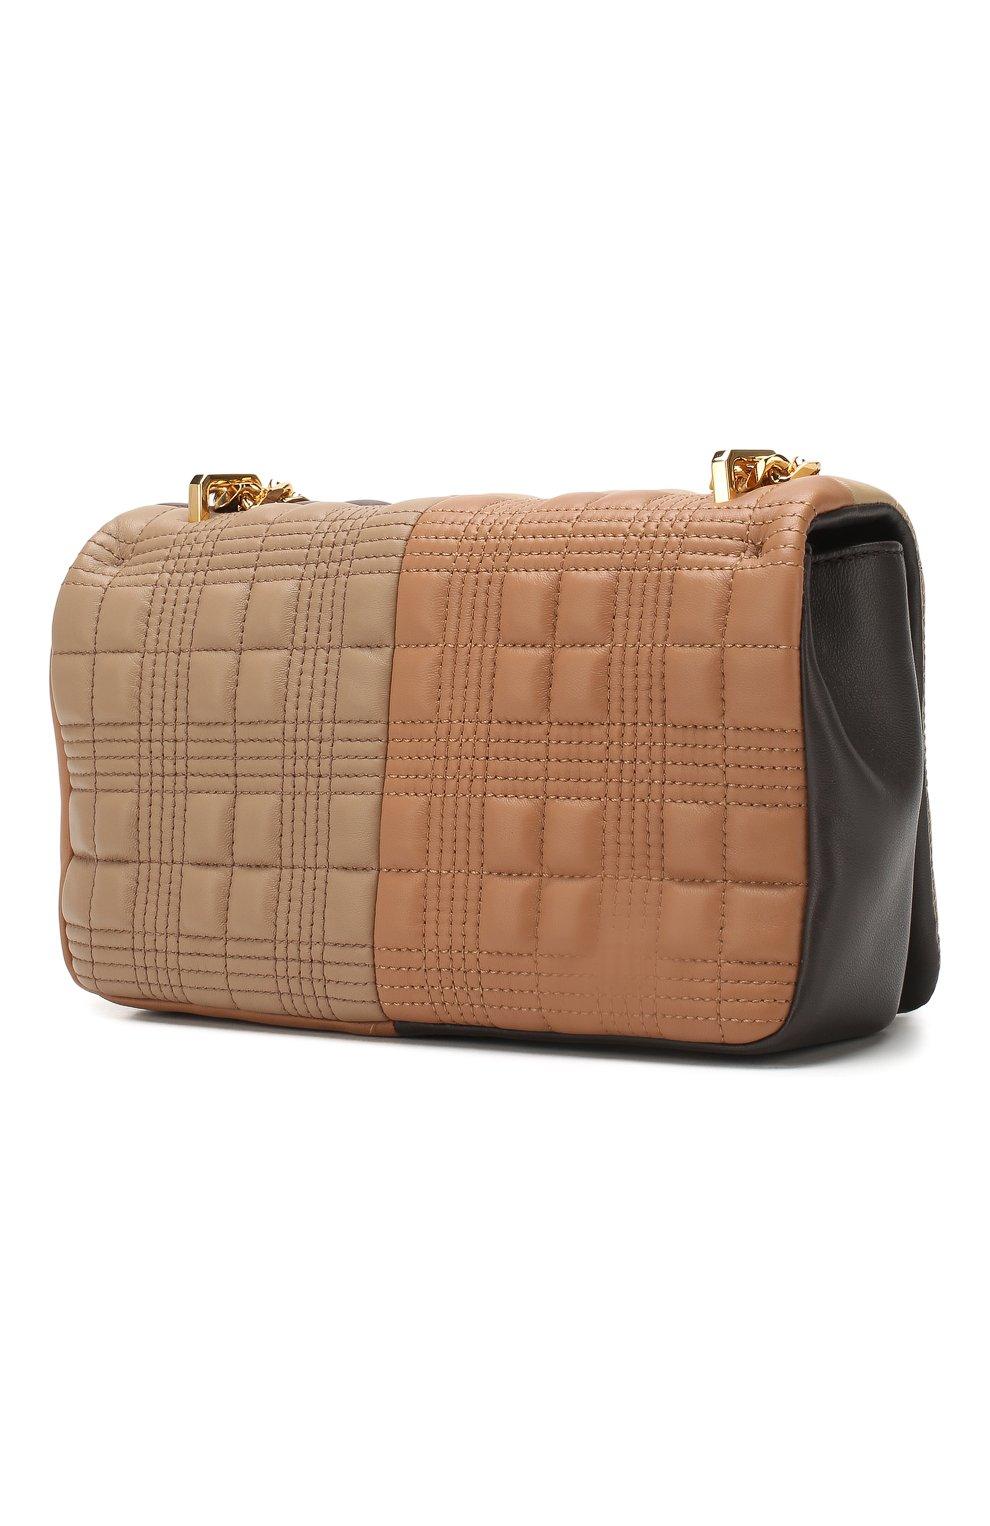 Женская сумка lola small BURBERRY коричневого цвета, арт. 8022977 | Фото 3 (Сумки-технические: Сумки через плечо; Материал: Натуральная кожа; Ремень/цепочка: На ремешке; Размер: small)